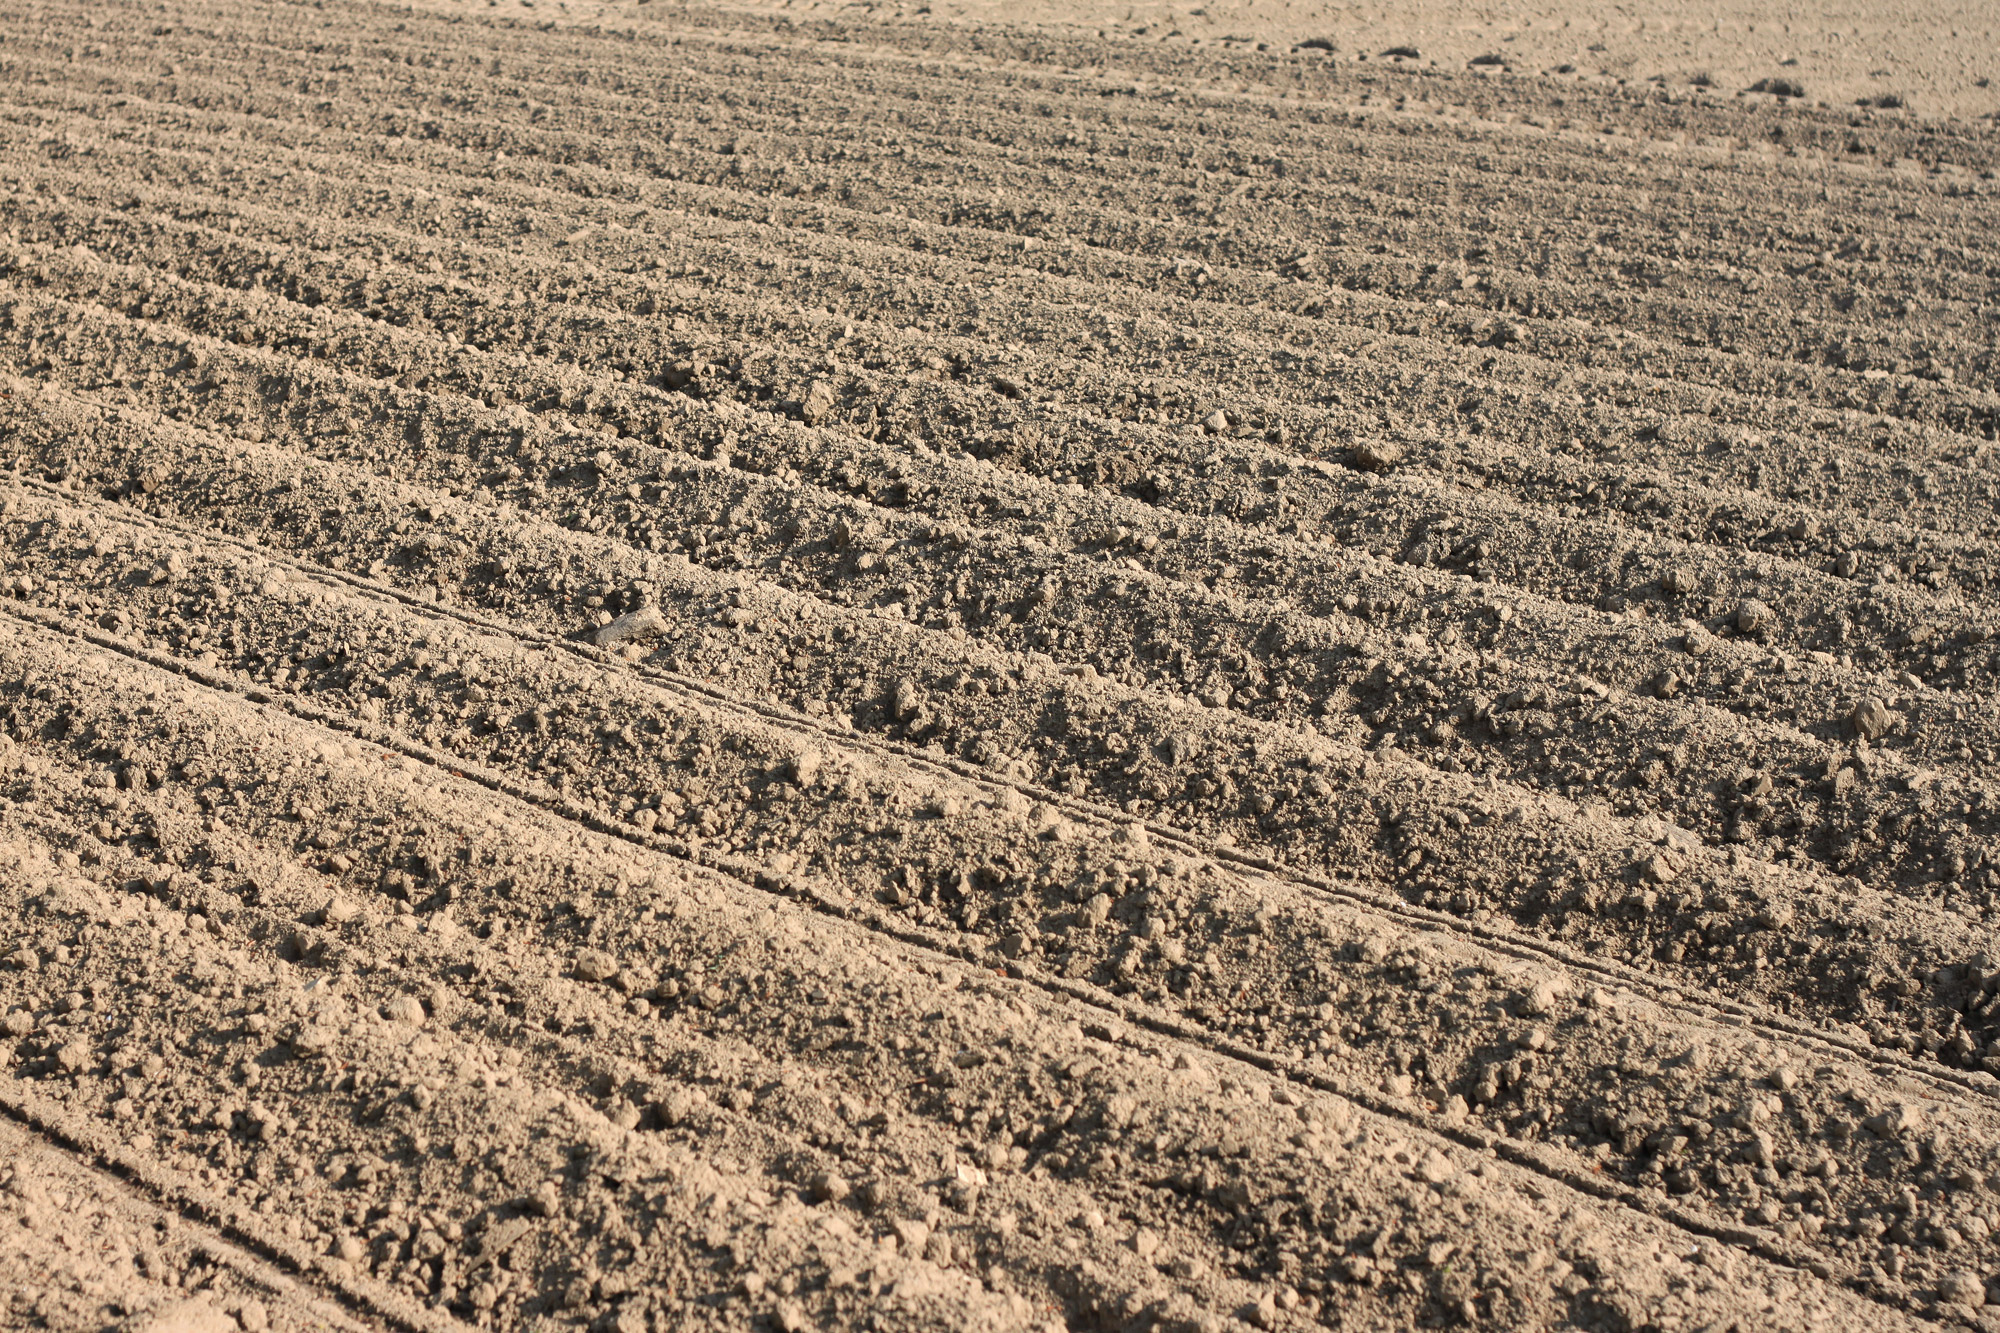 Acker Landwirtschaft